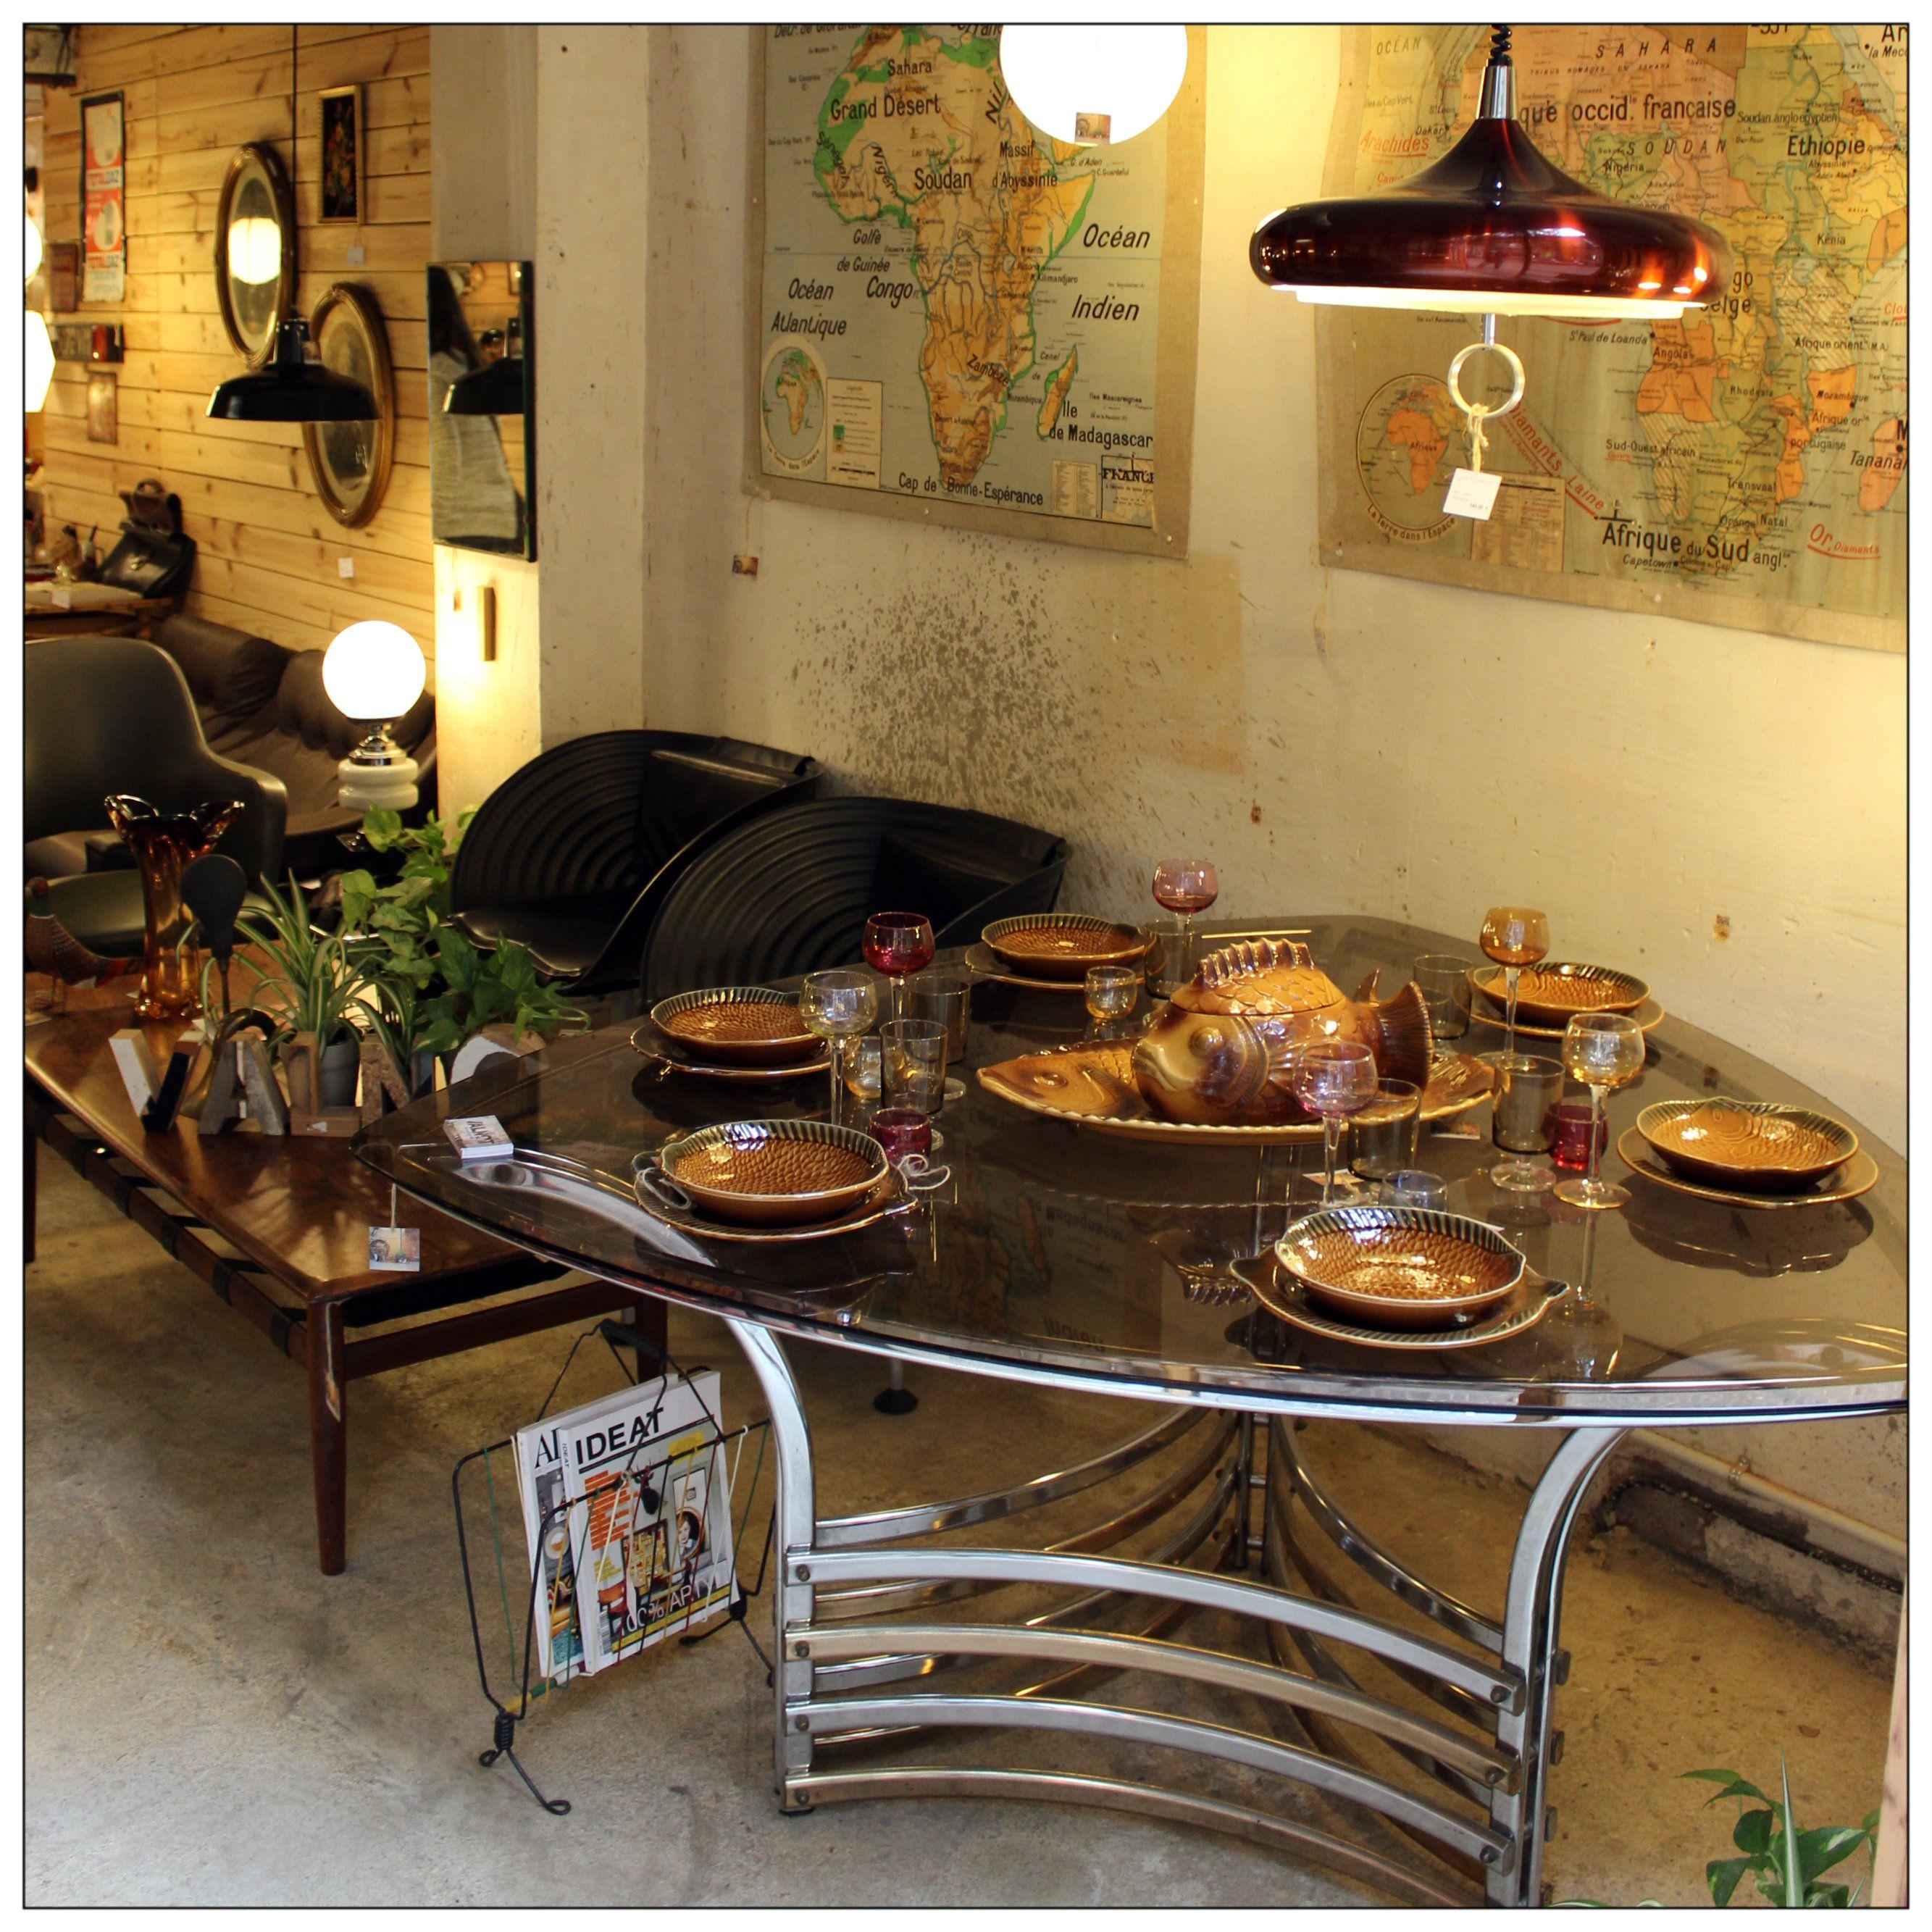 En valnot podr s encontrar objetos retro decoraci n vintage reciclaje un taller de - Taller de restauracion de muebles ...